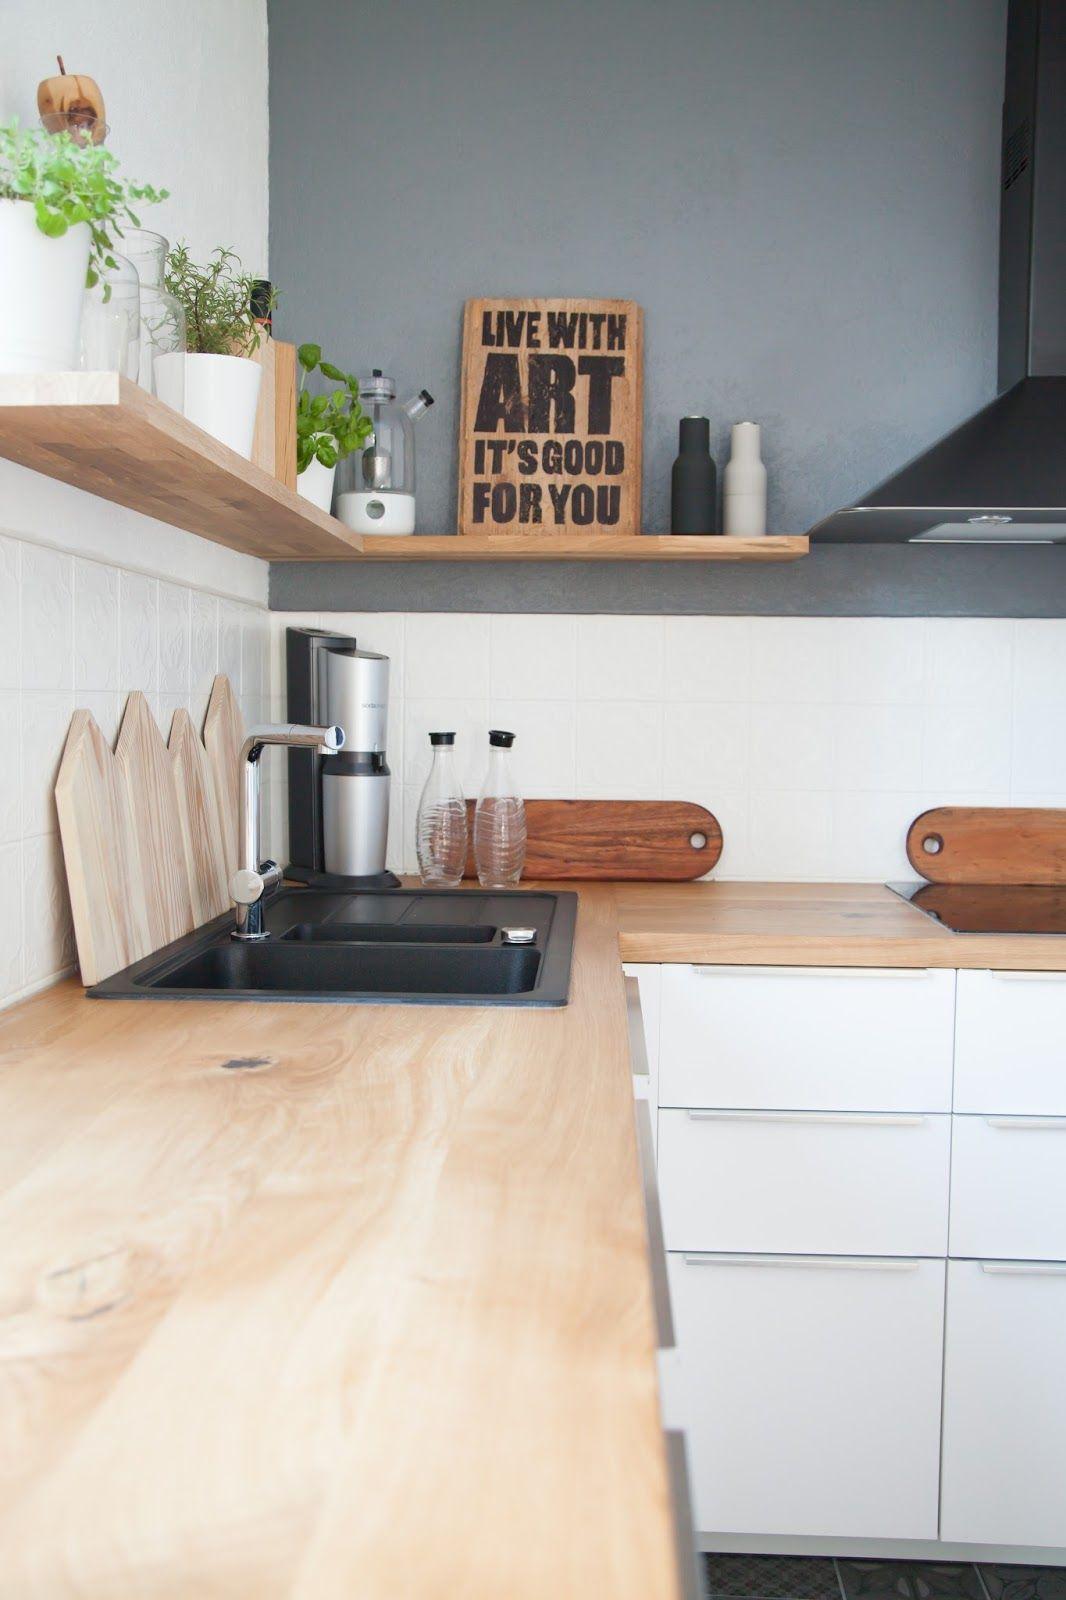 Cool Minimalistisch Wohnen Vorher Nachher Galerie Von Der Mama-tochter-design über Alles, Was Das Schöner